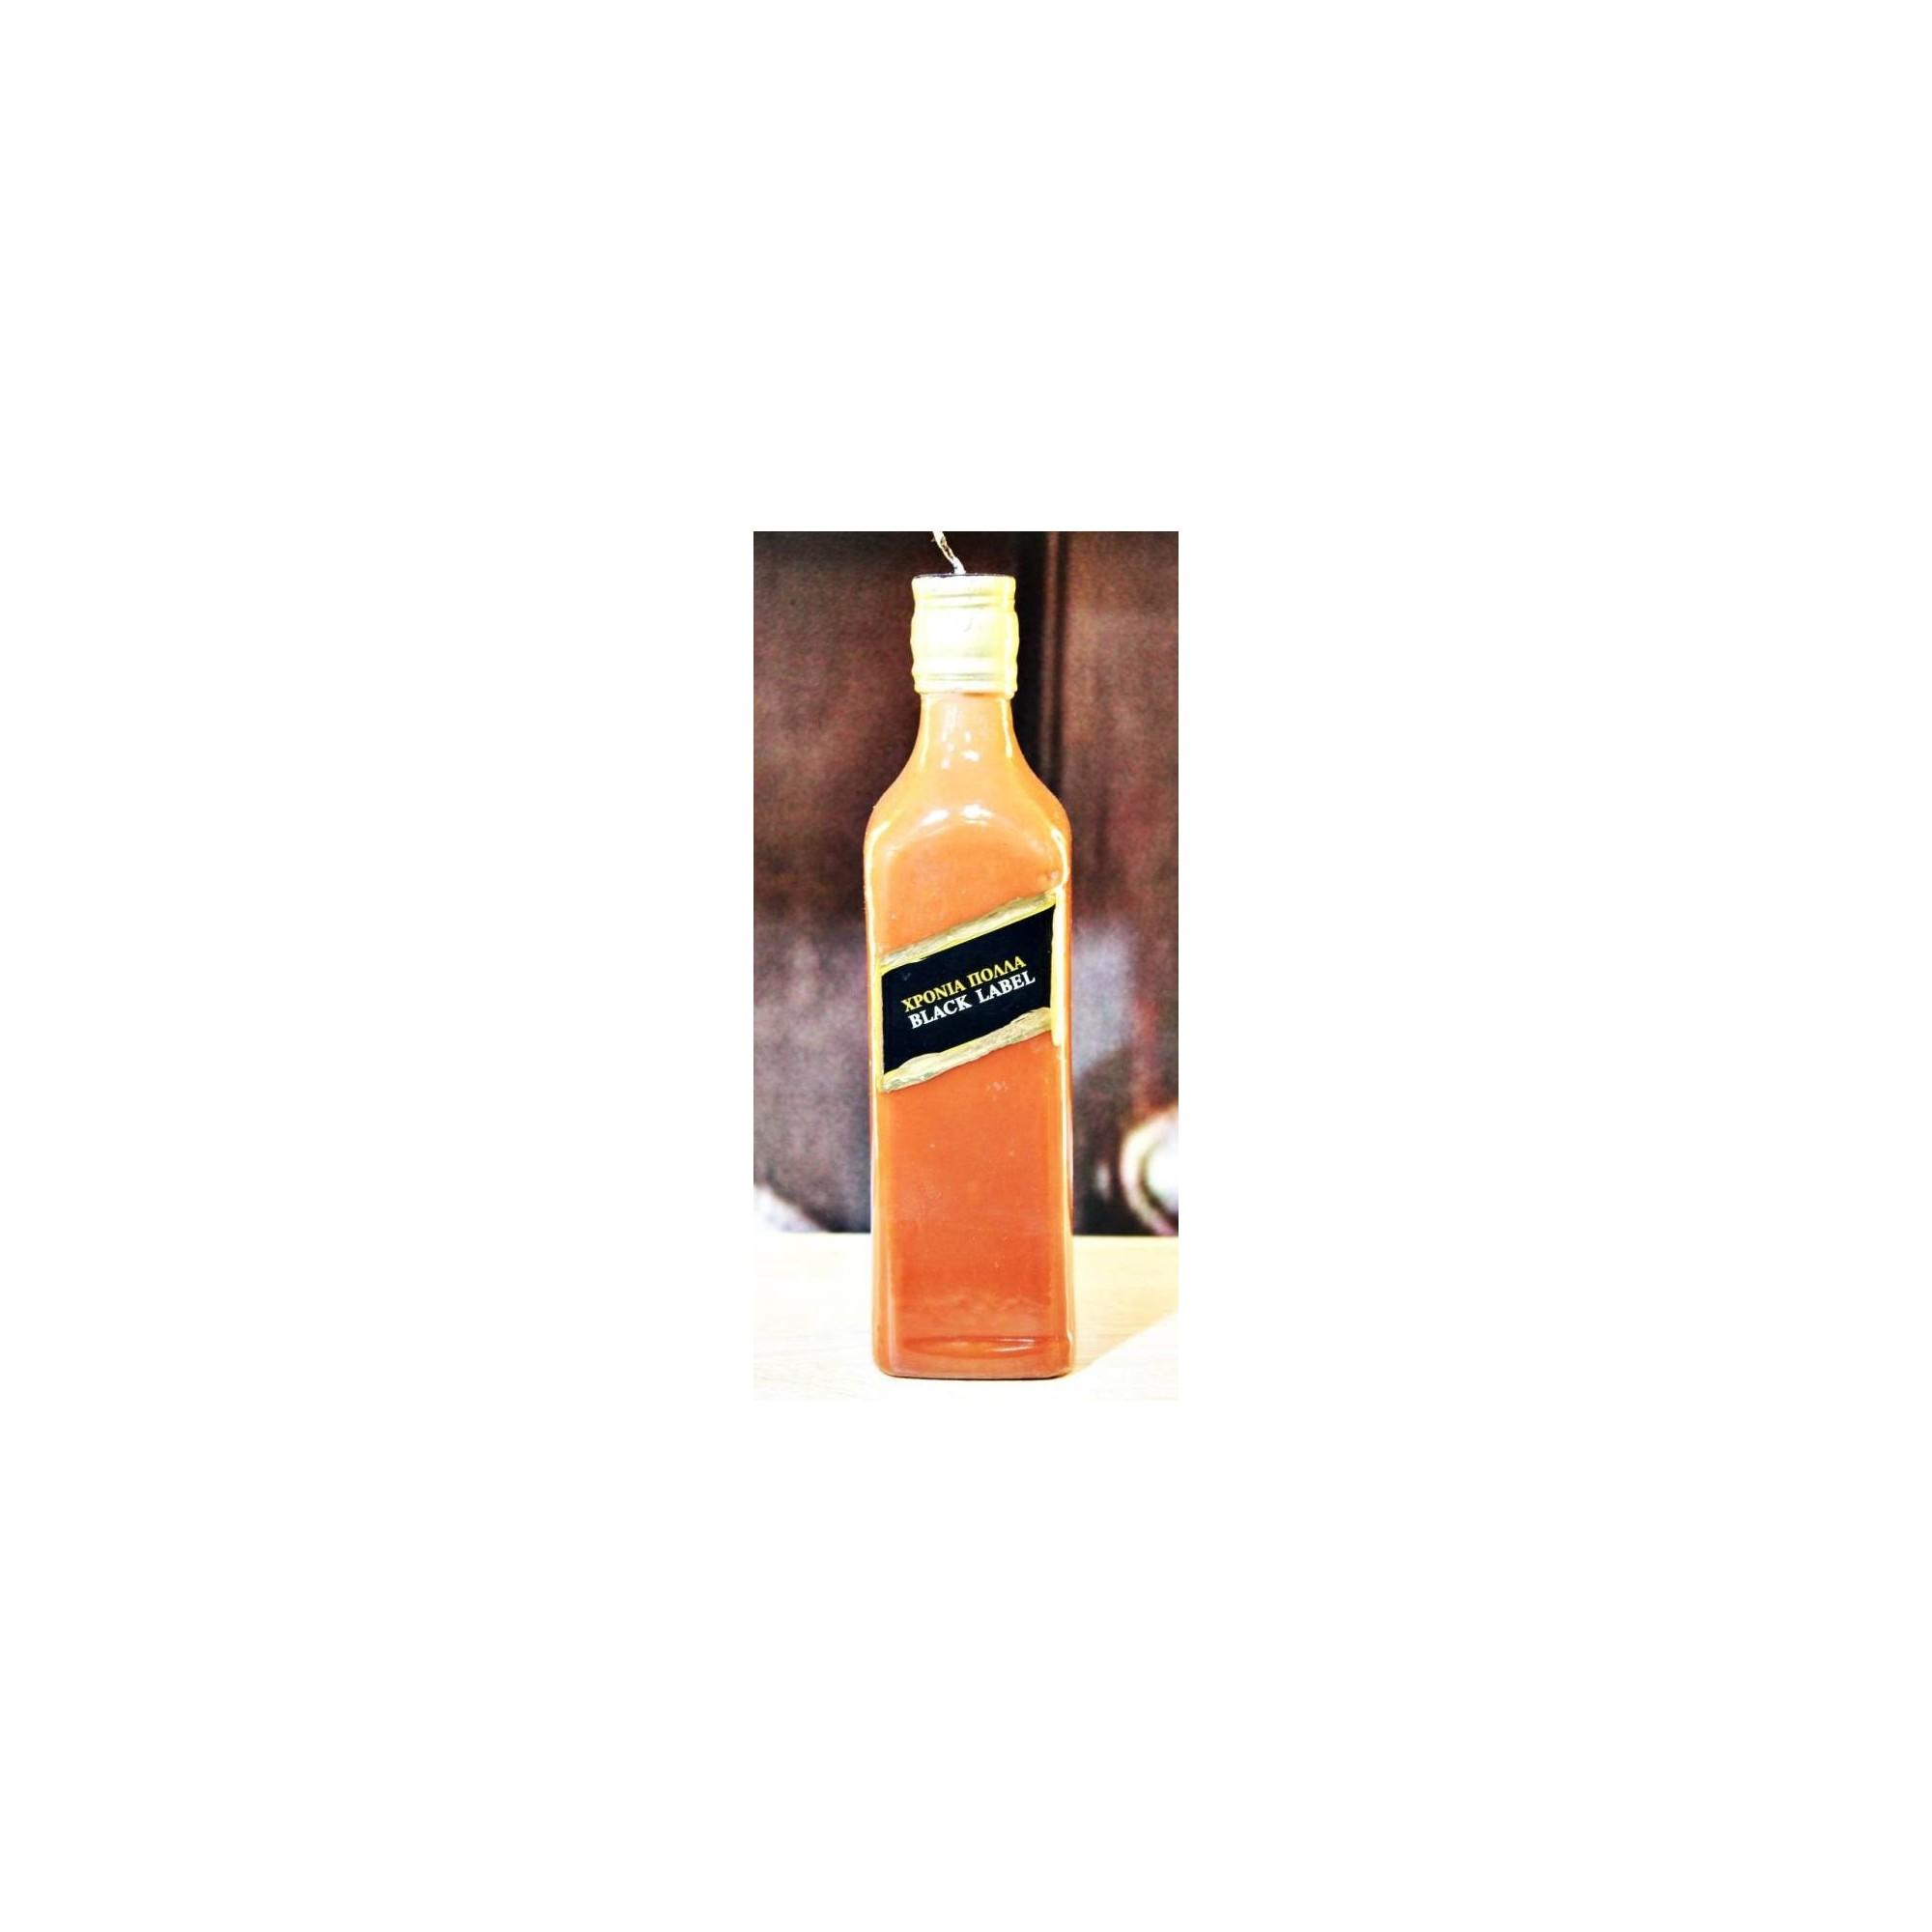 Λαμπάδα μπουκάλι ουίσκι - G2912